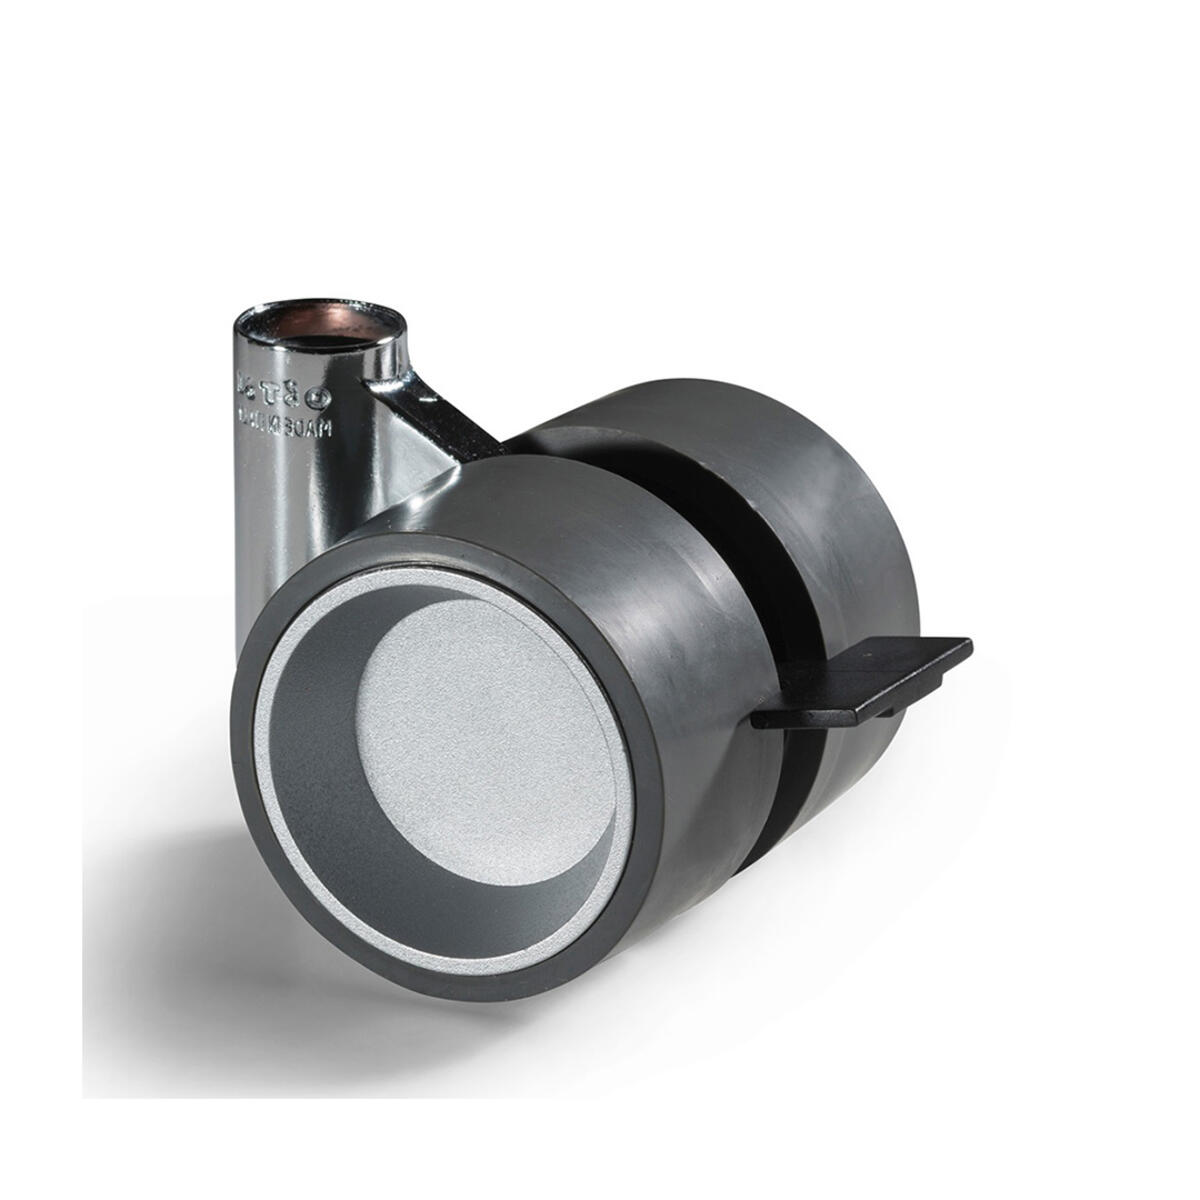 798977 1200 0751 486685 450x450 0751 111 formula60 zamacromato gommagrigia discoalluminio freno